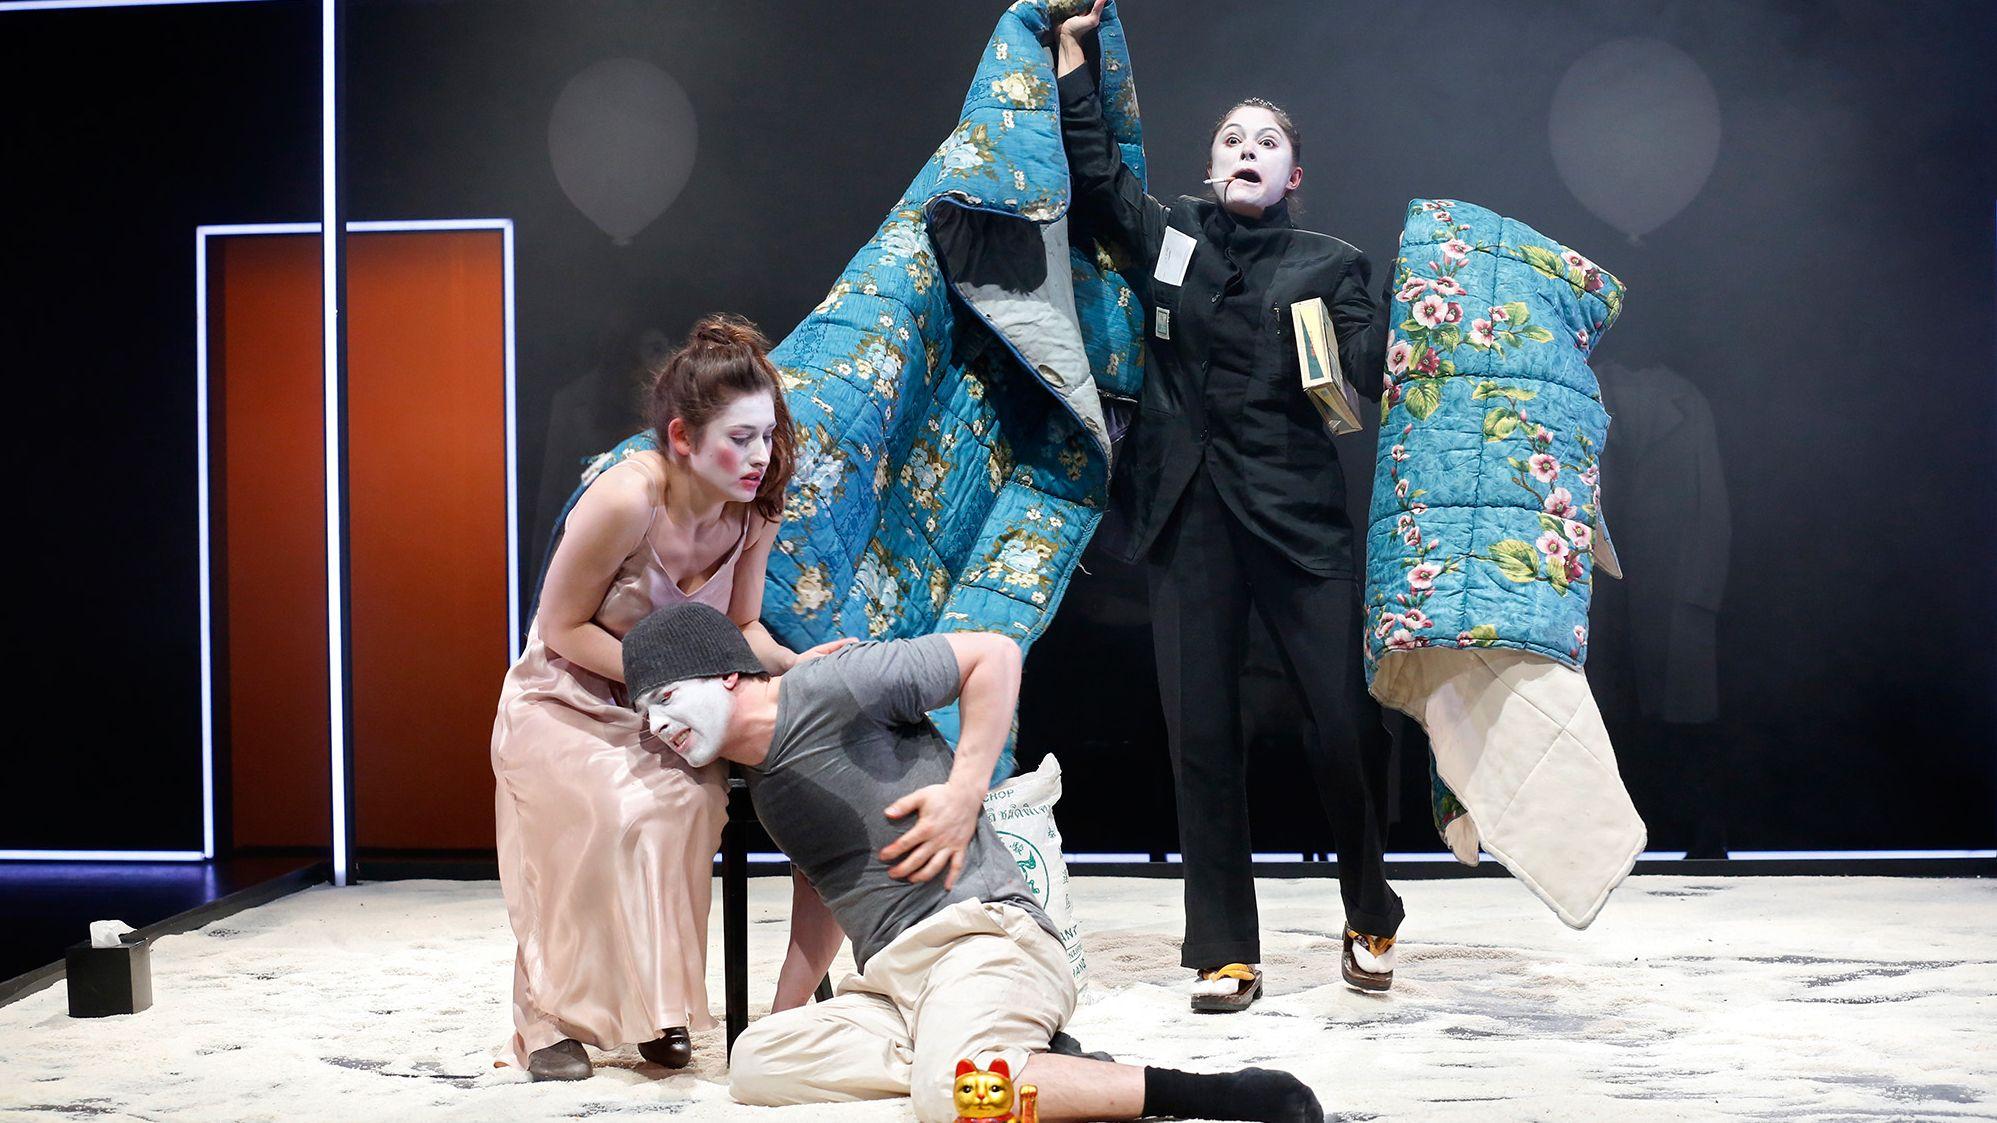 Zu «Der gute Mensch von Sezuan» wurde in Bern auch ein Theatergottesdienst durchgeführt – im Bild Deleila Piasko, Birger Frehse und Mariananda Schempp (von links).